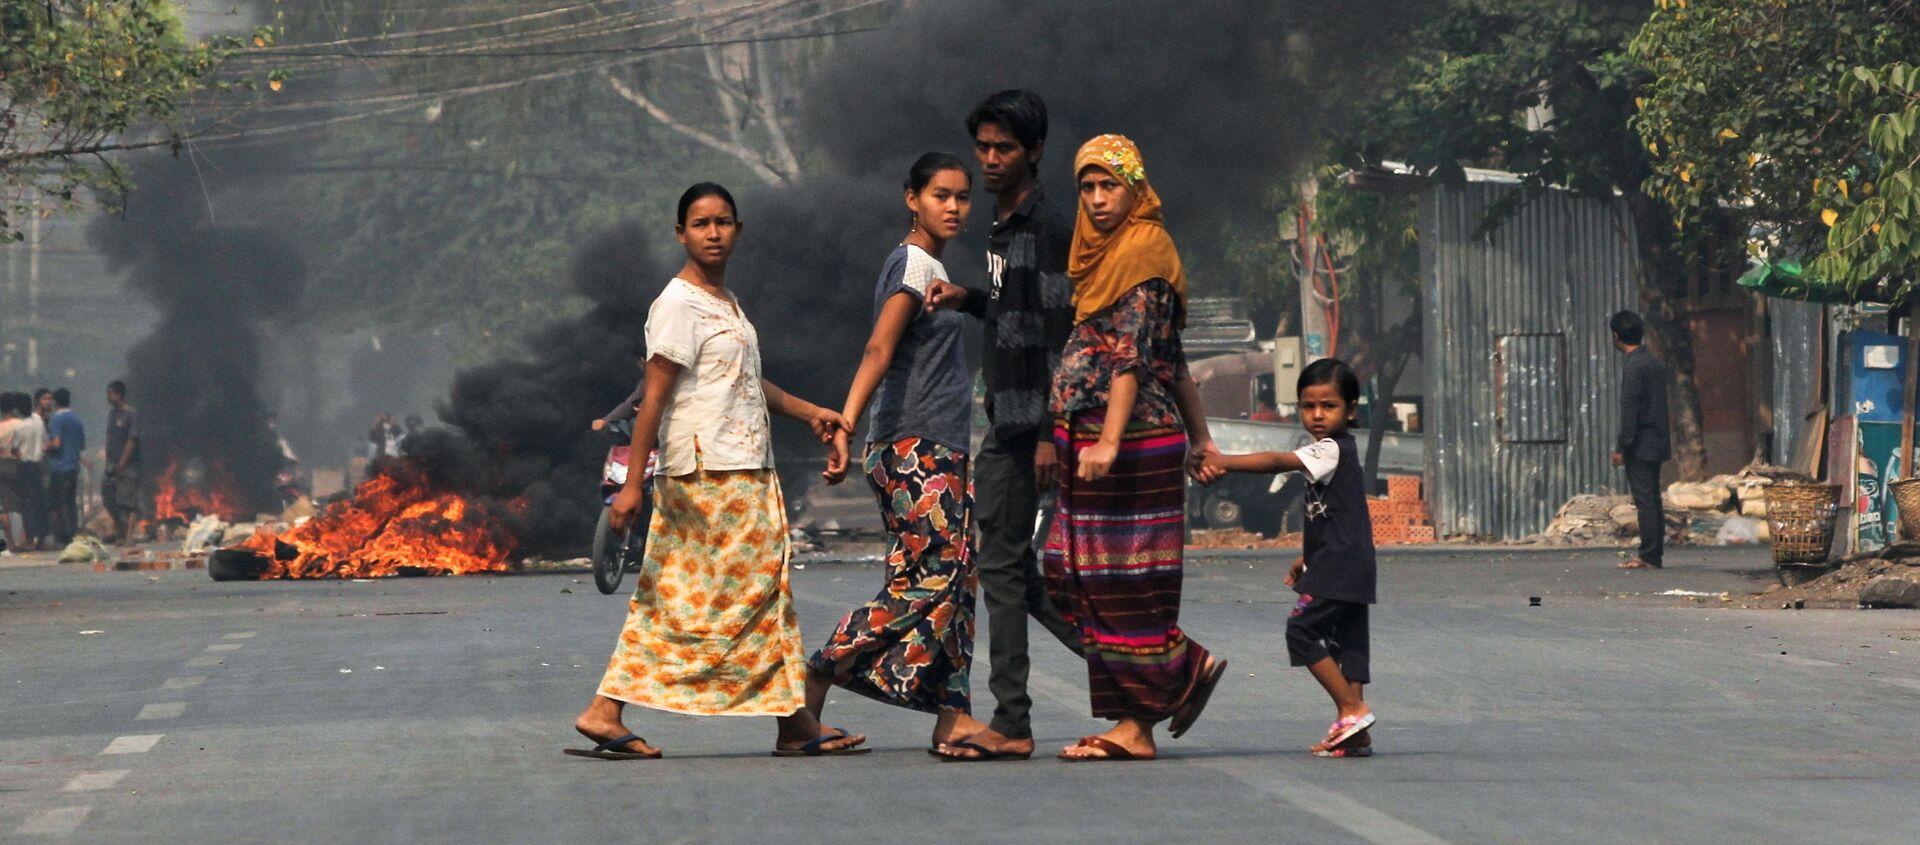 Ponad 50 osób zginęło w starciach między uczestnikami antyrządowych protestów a silami bezpieczeństwa w kilku miastach w Mjanmie. - Sputnik Polska, 1920, 27.03.2021